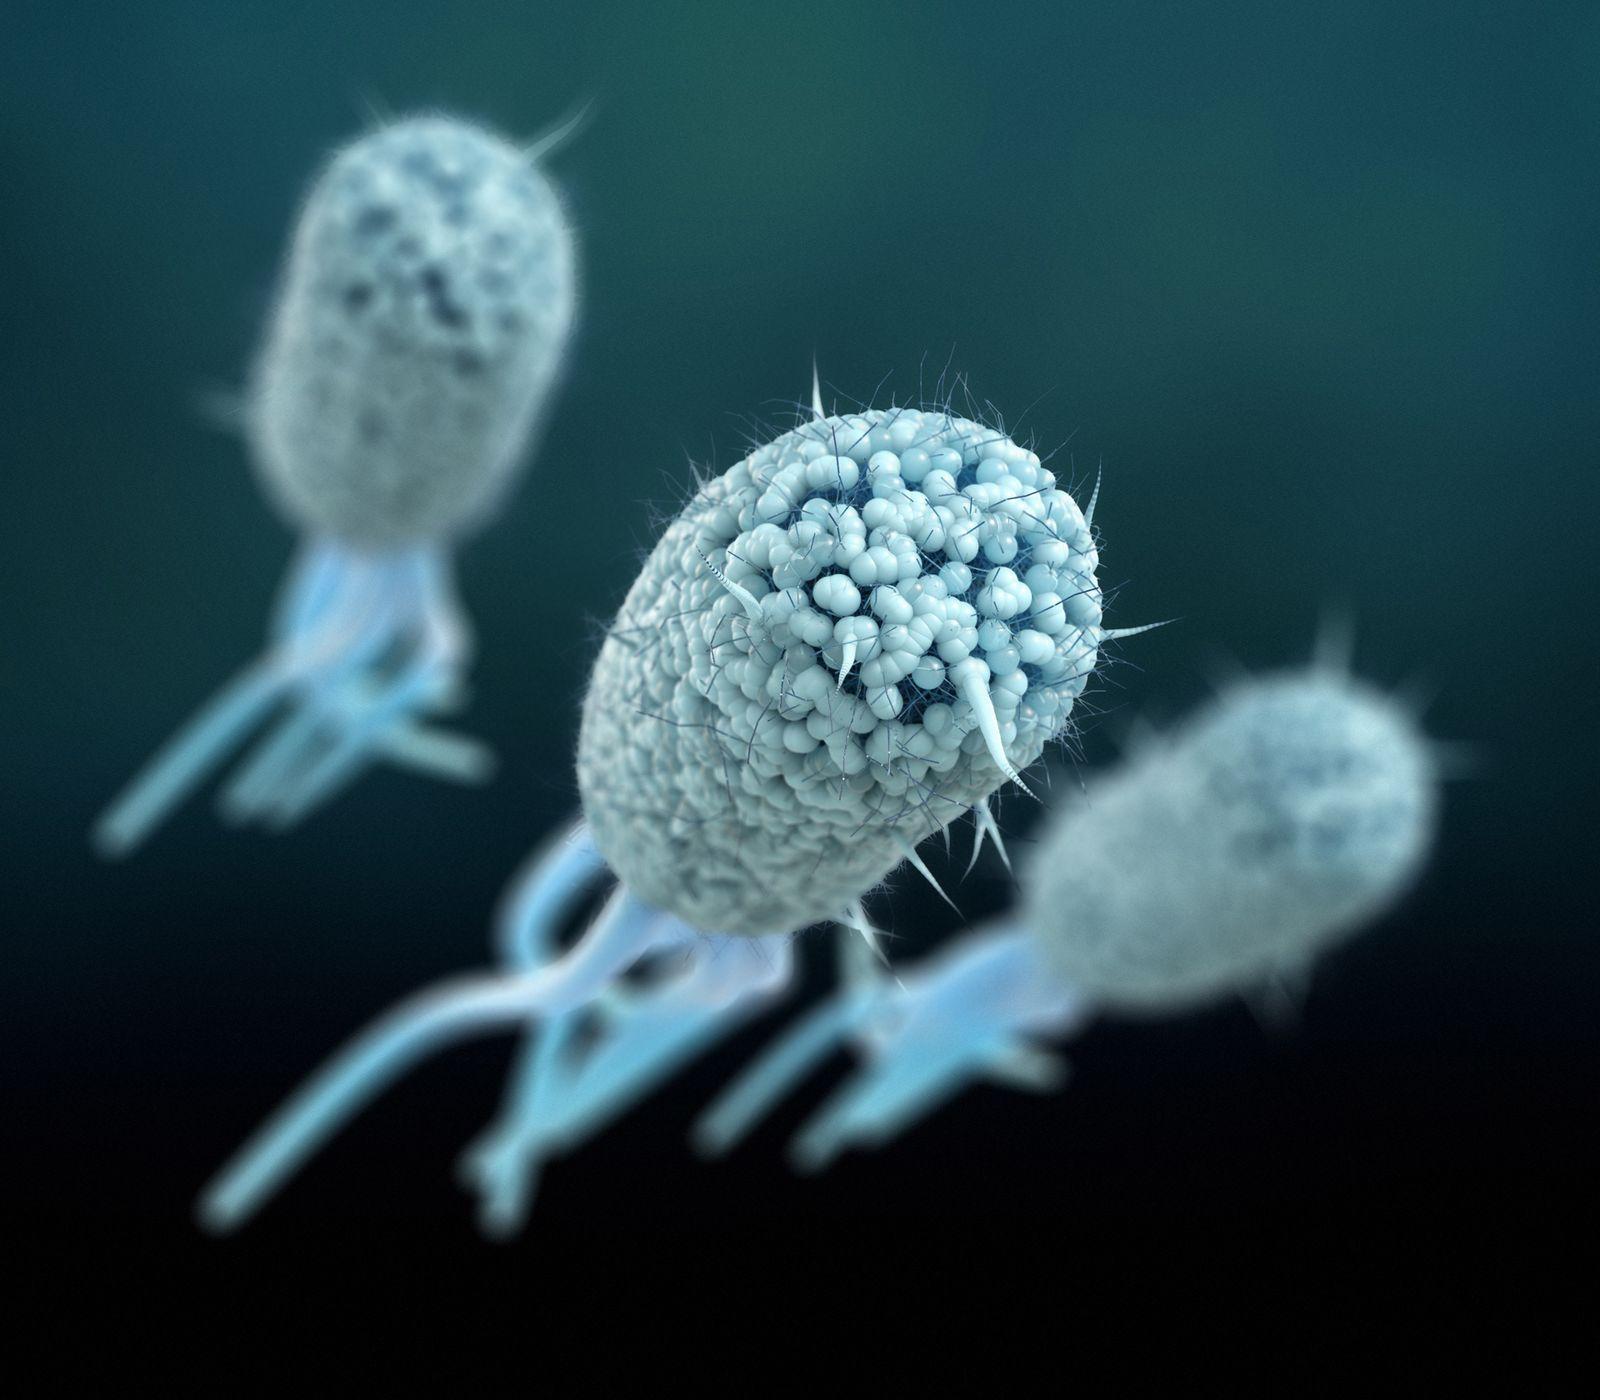 EINMALIGE VERWENDUNG / Bakterien / EXPIREN am 13.02.24